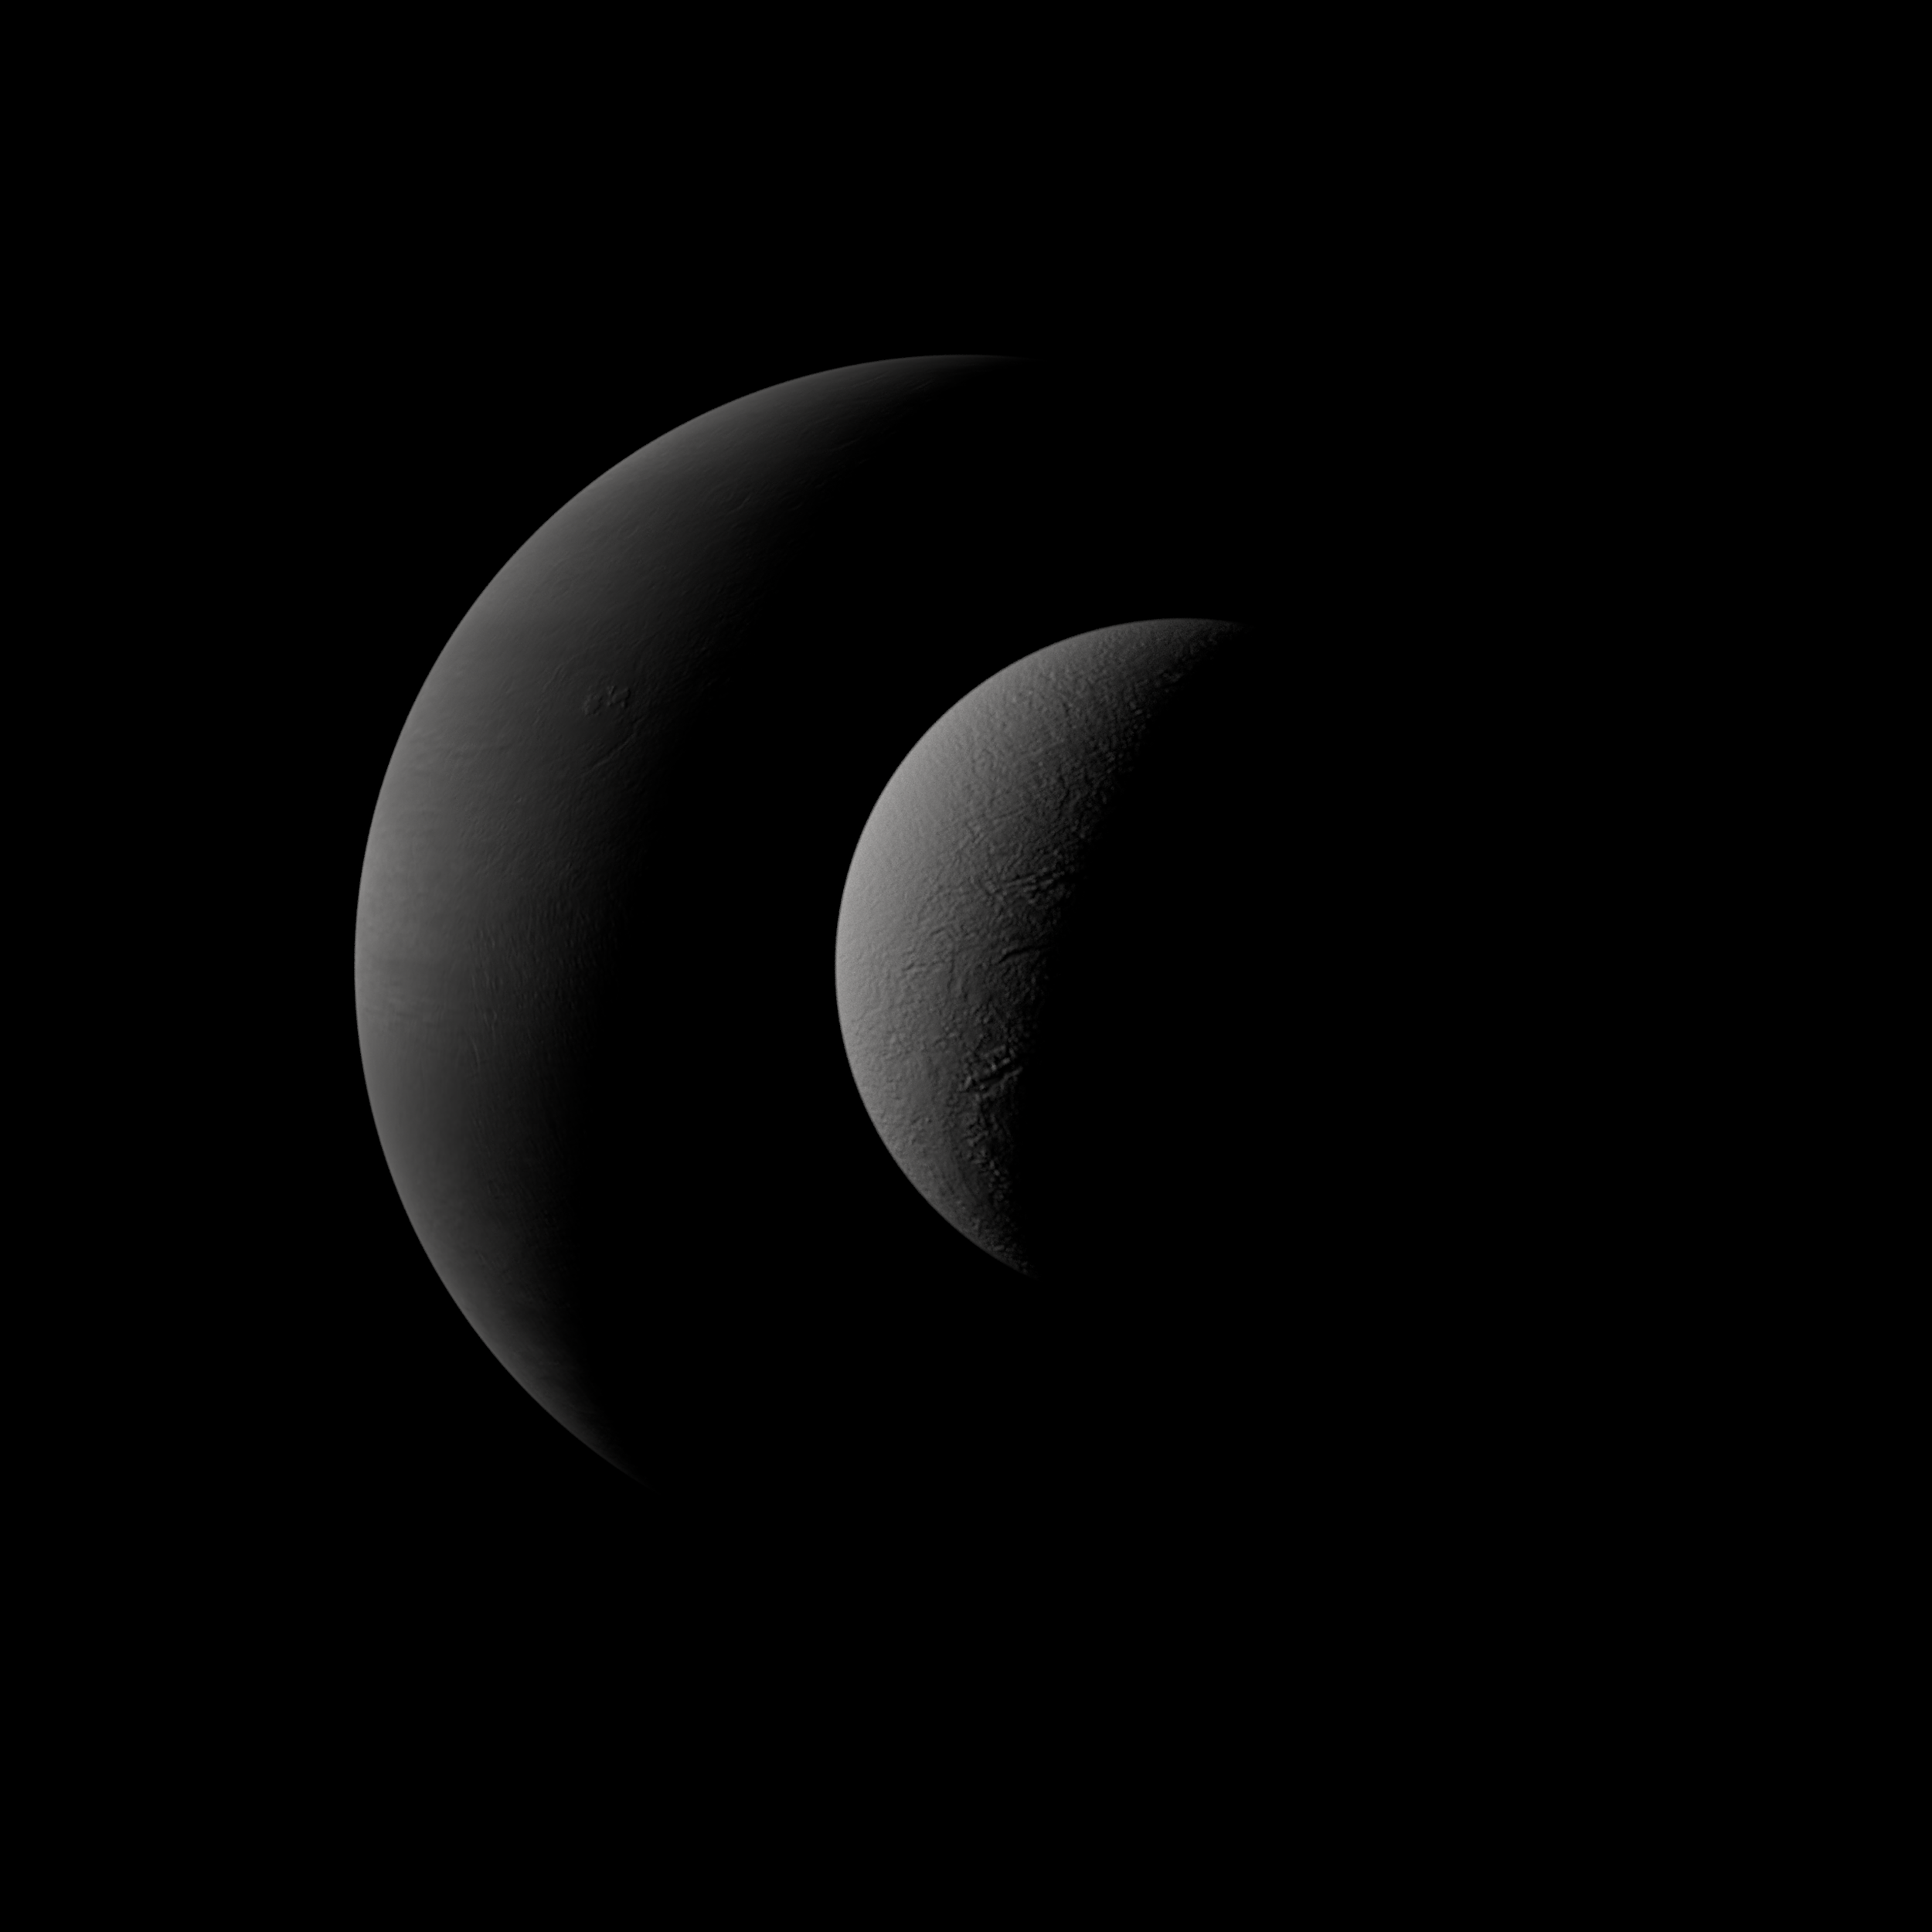 Planetary 4